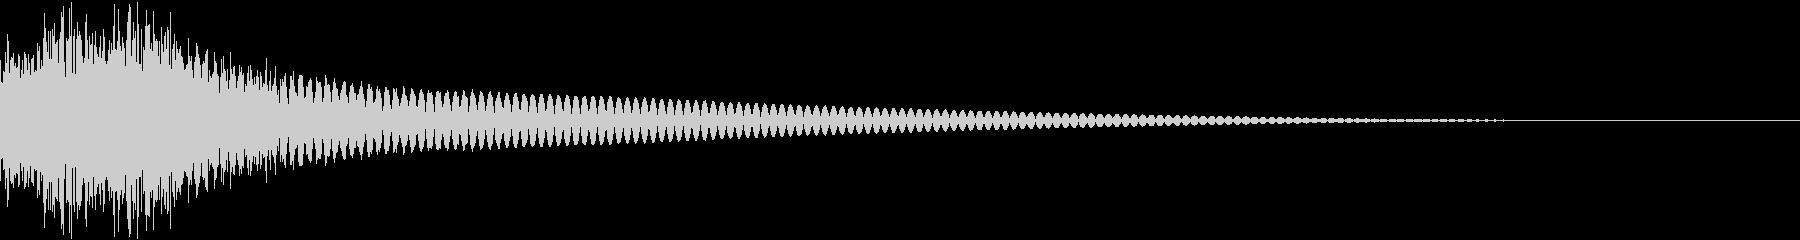 アナログゲーム 音 プレイ コイン 05の未再生の波形